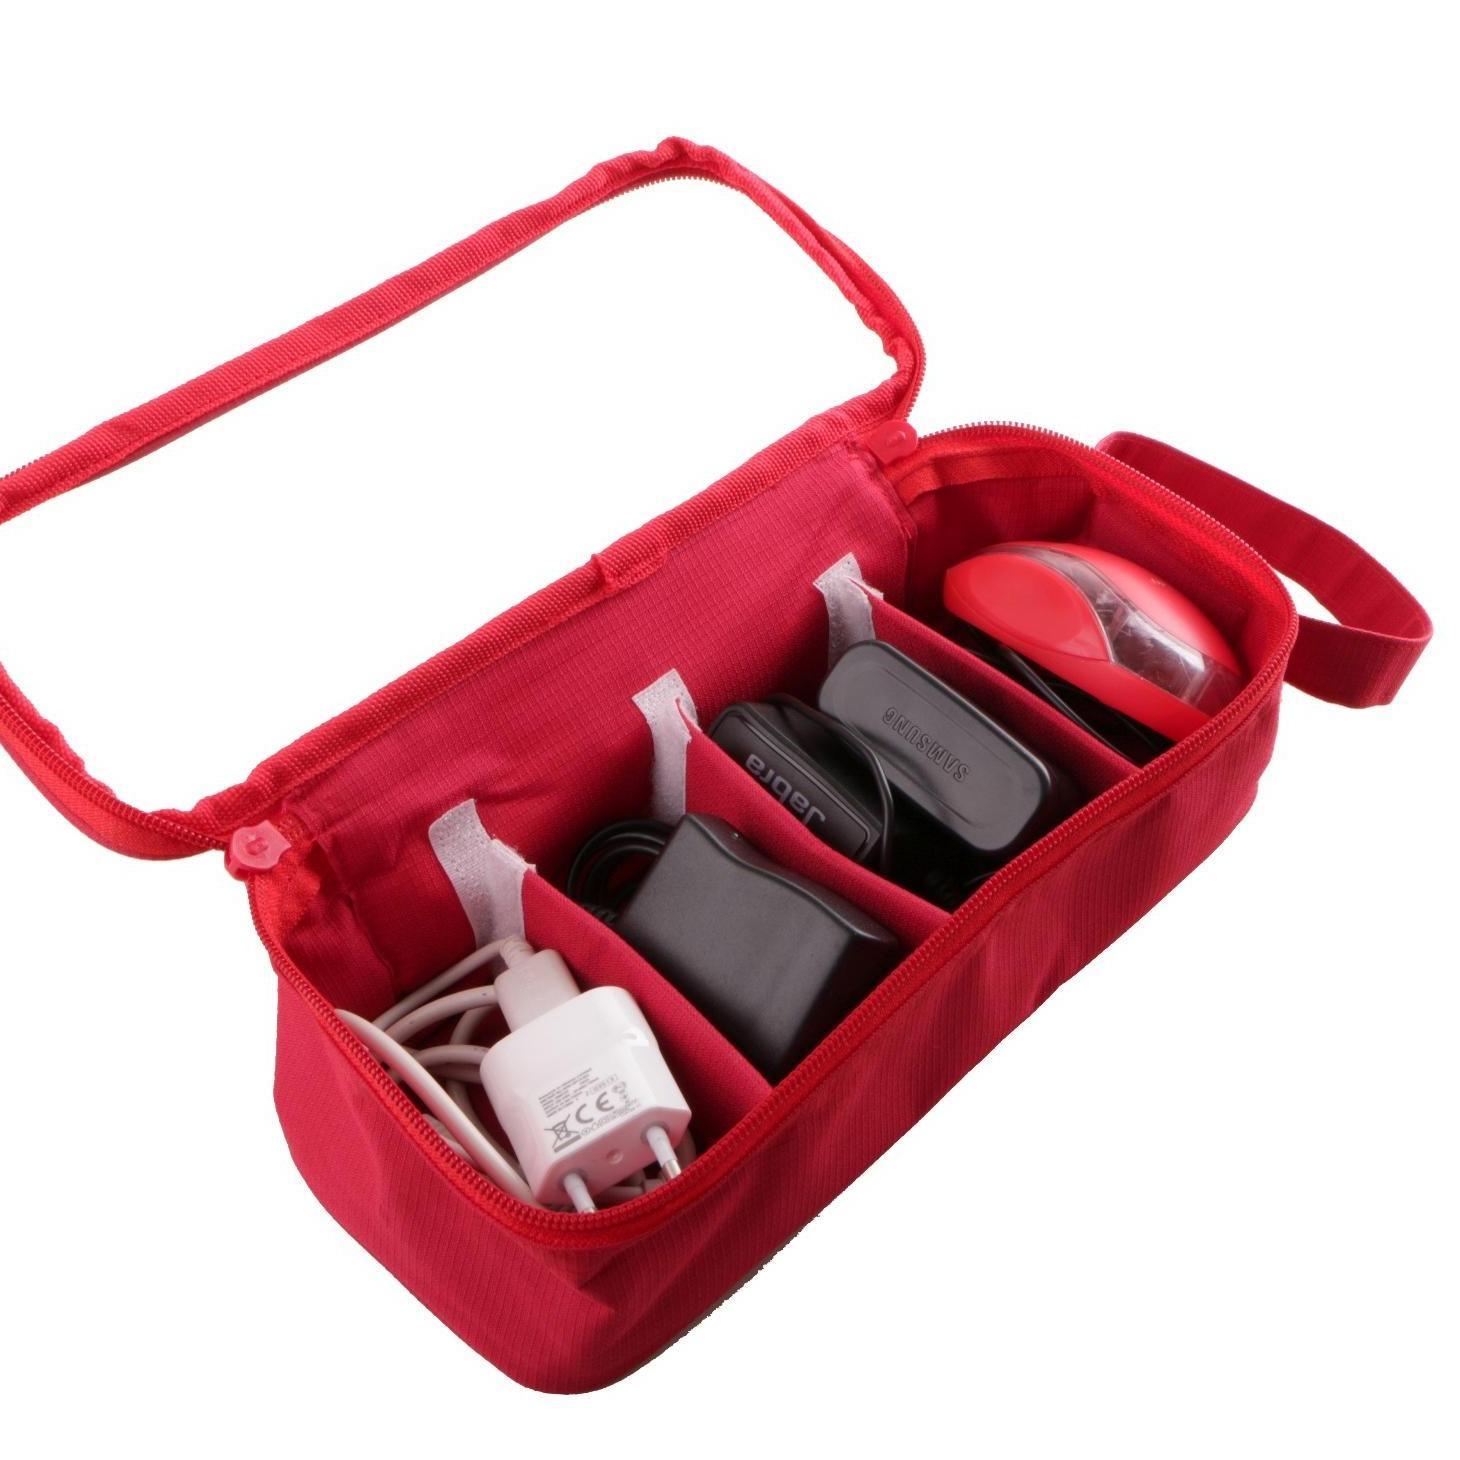 Travel Charger Organizer Storage Kotak USB Kabel Aksesoris Red